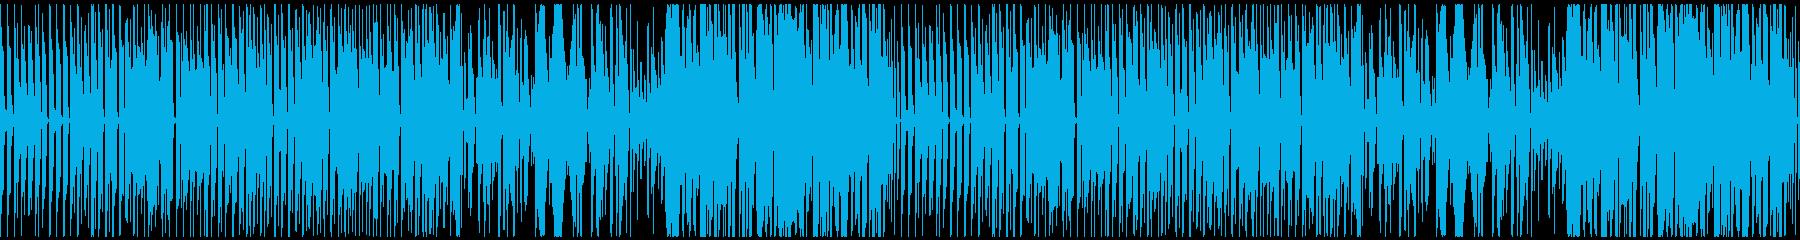 めまぐるしい&かわいいエナジーPOPの再生済みの波形